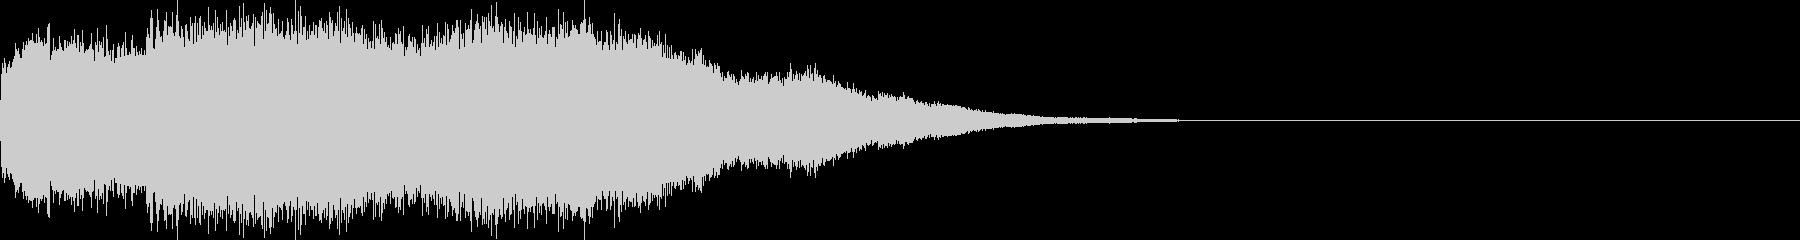 ベル/コール/着信音/アラーム音/1回の未再生の波形